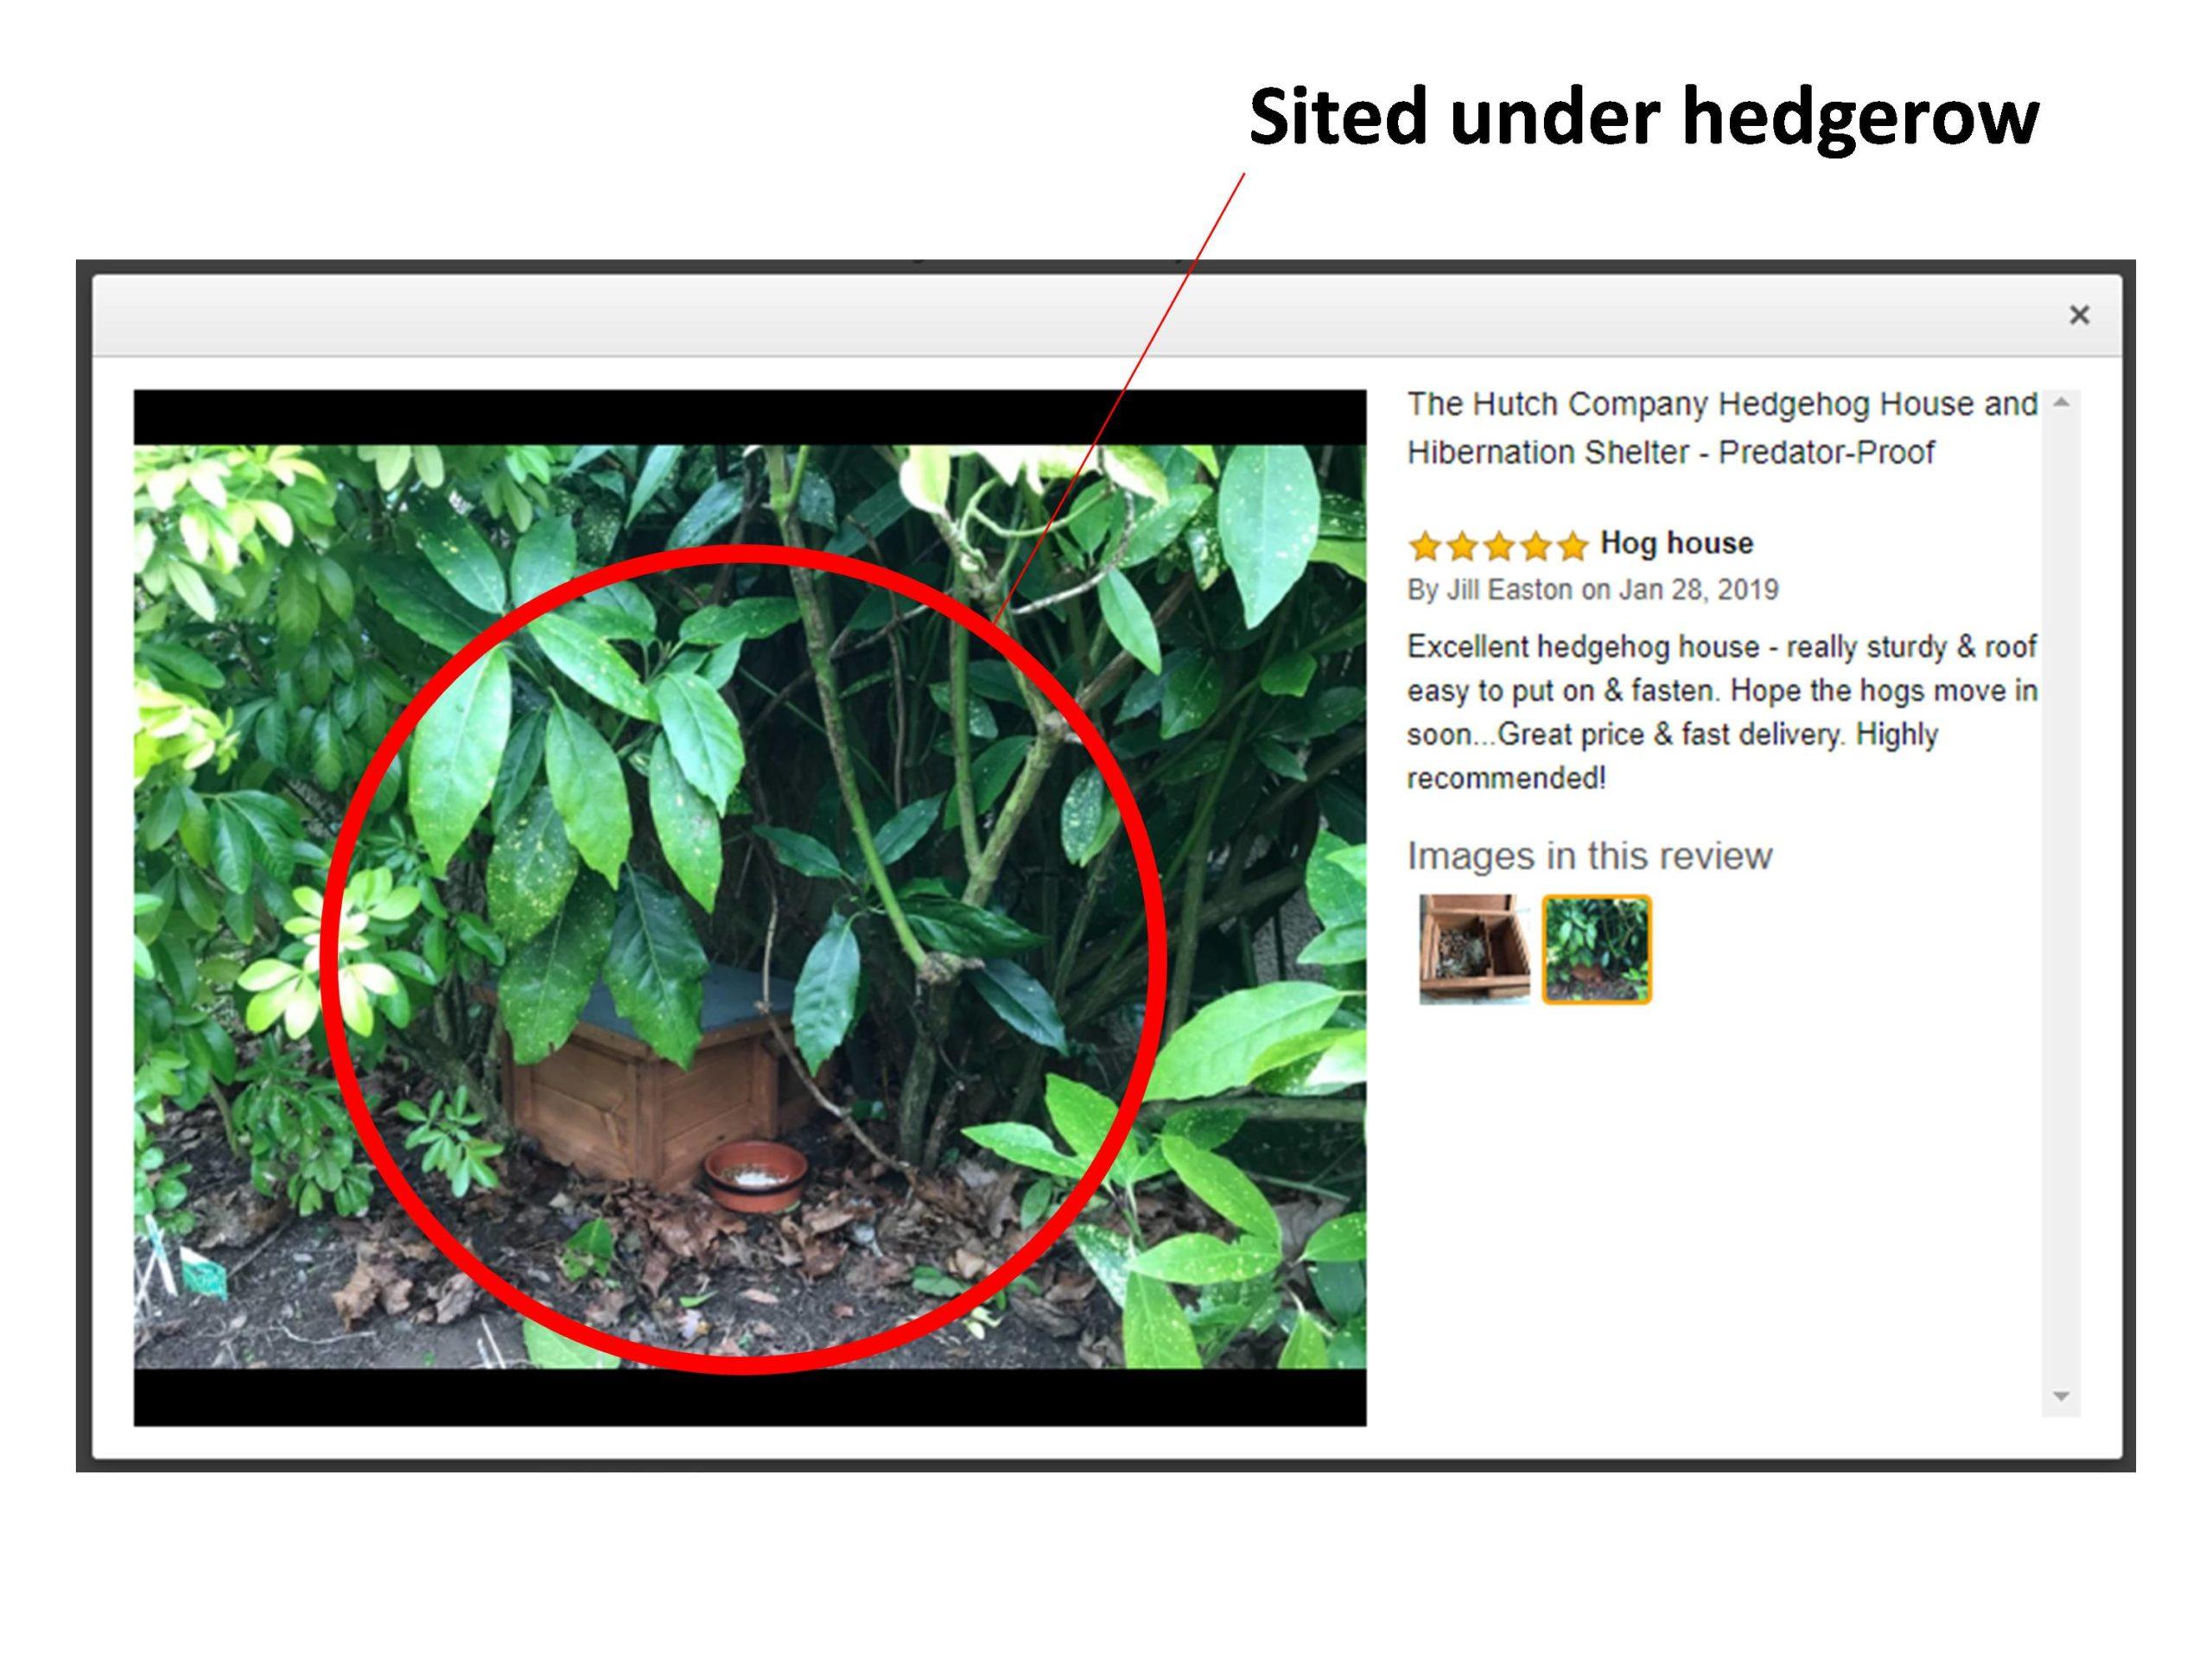 Hutch Company Hedgehog House 2